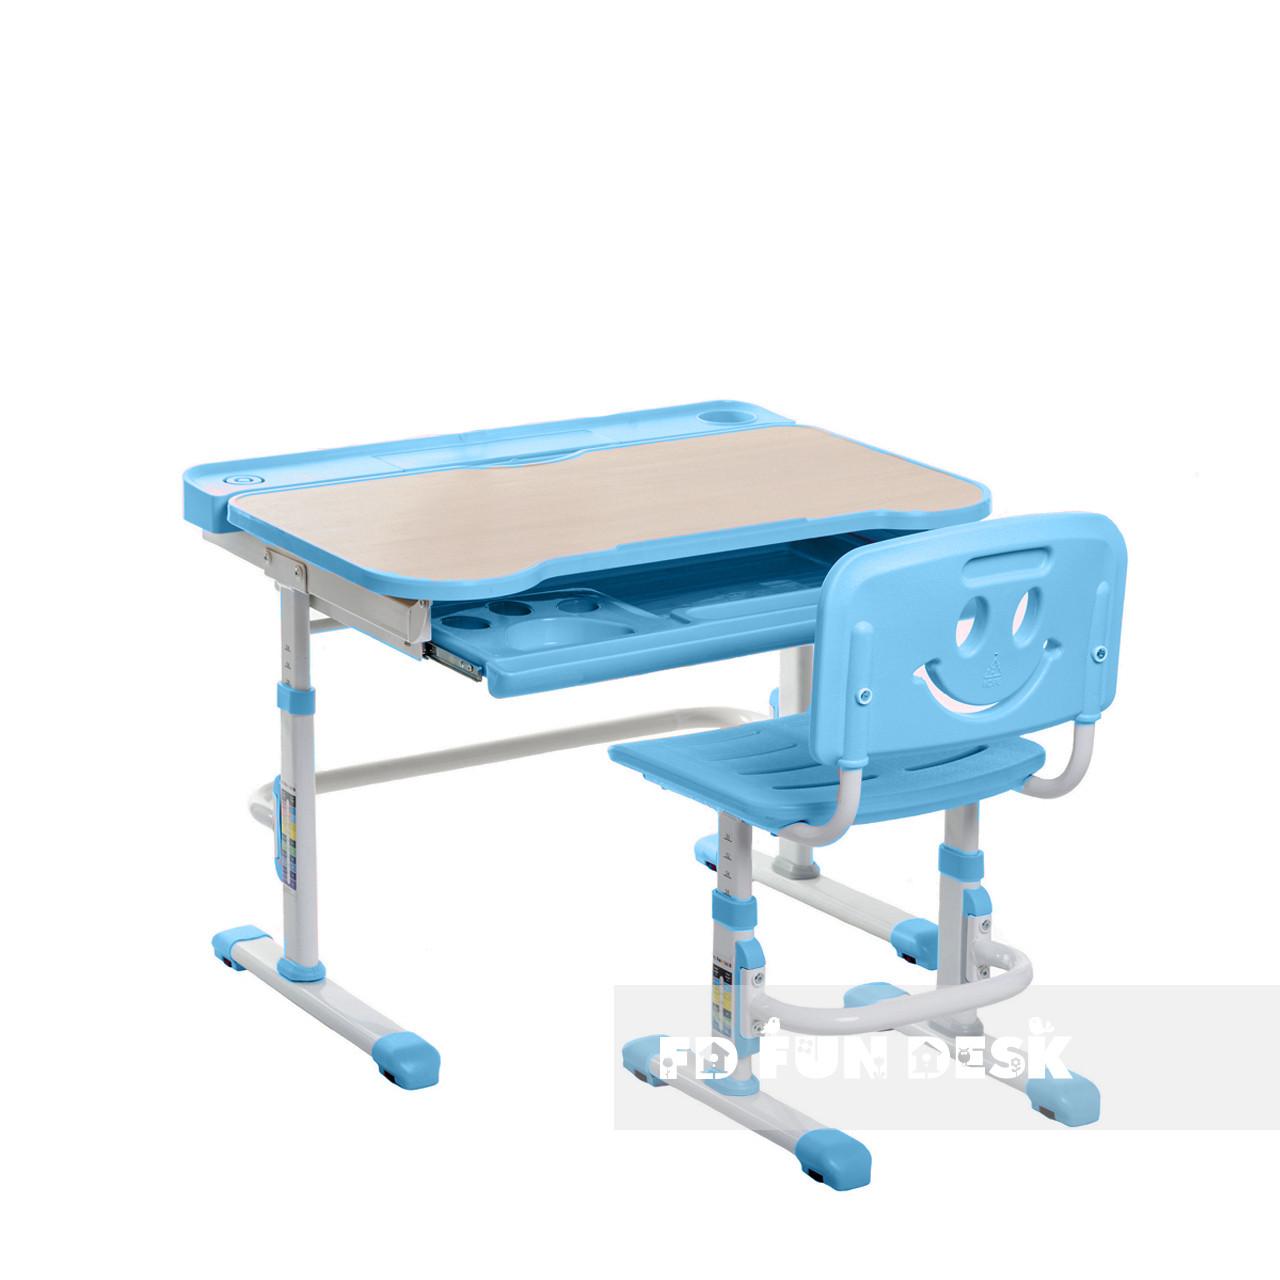 Детская парта со стульчиком FunDesk Bellissima Blue - ОПТОМ ДЛЯ ШКОЛ